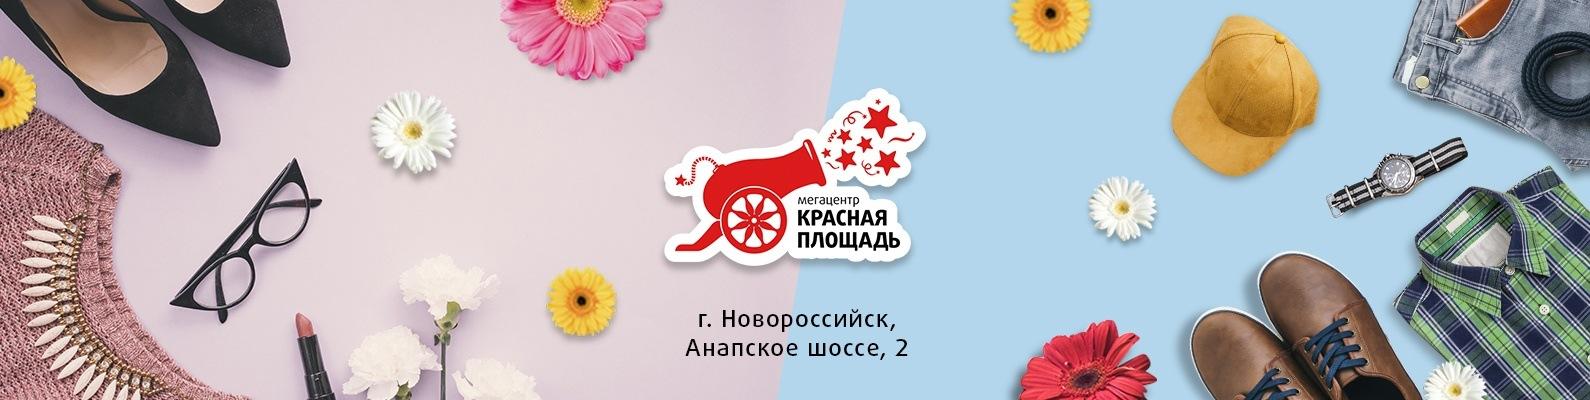 74f97d6f7 Мегацентр «Красная Площадь», Новороссийск | ВКонтакте